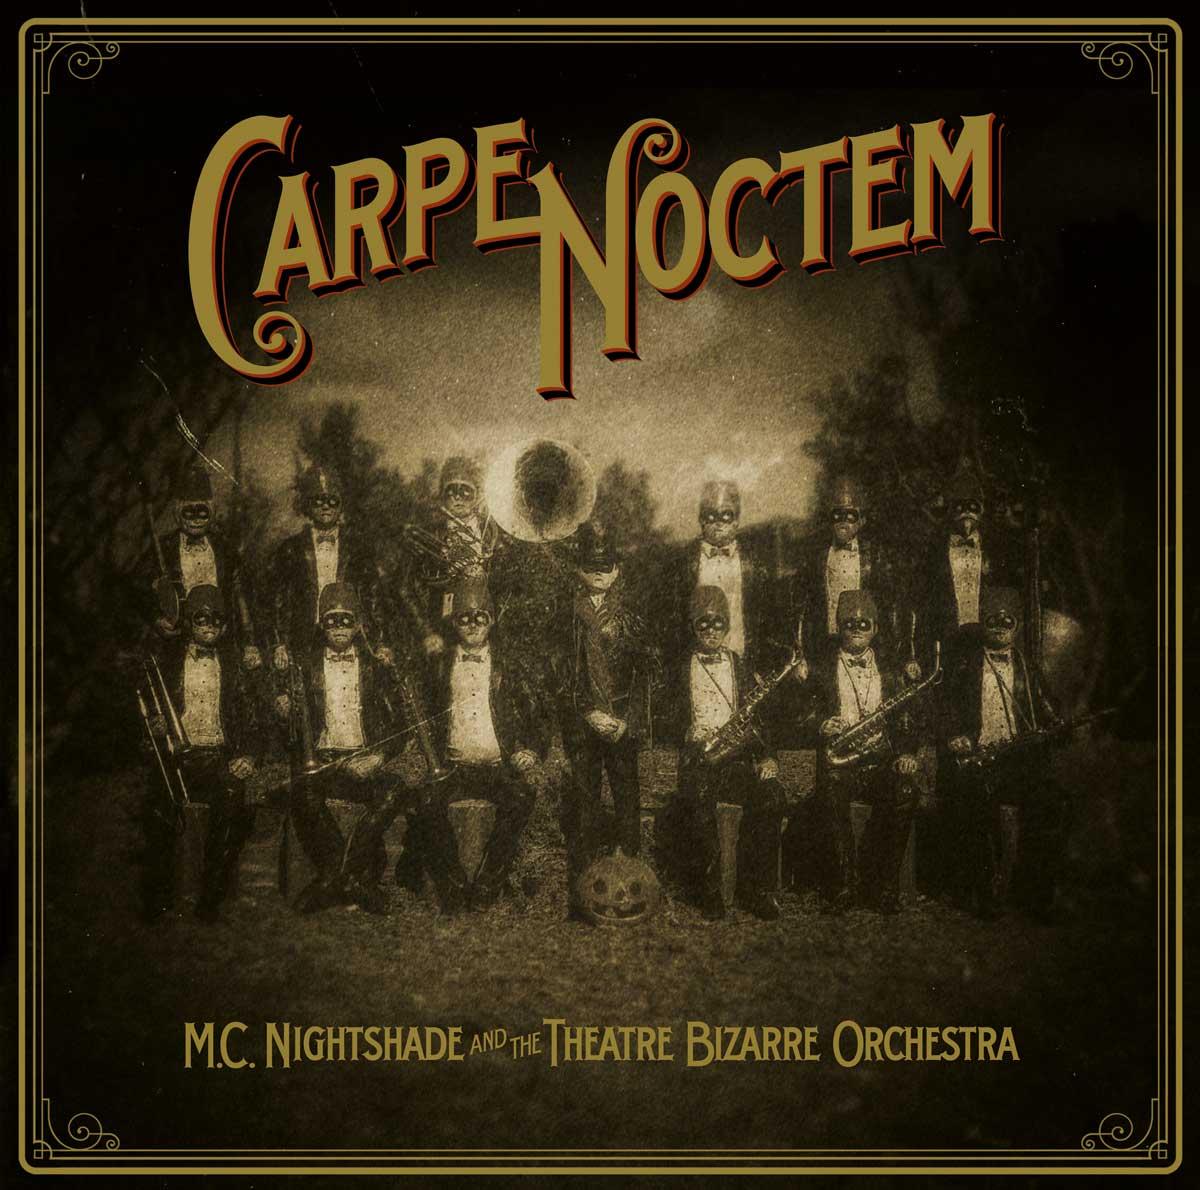 theatre-bizarre-orchestra-cover